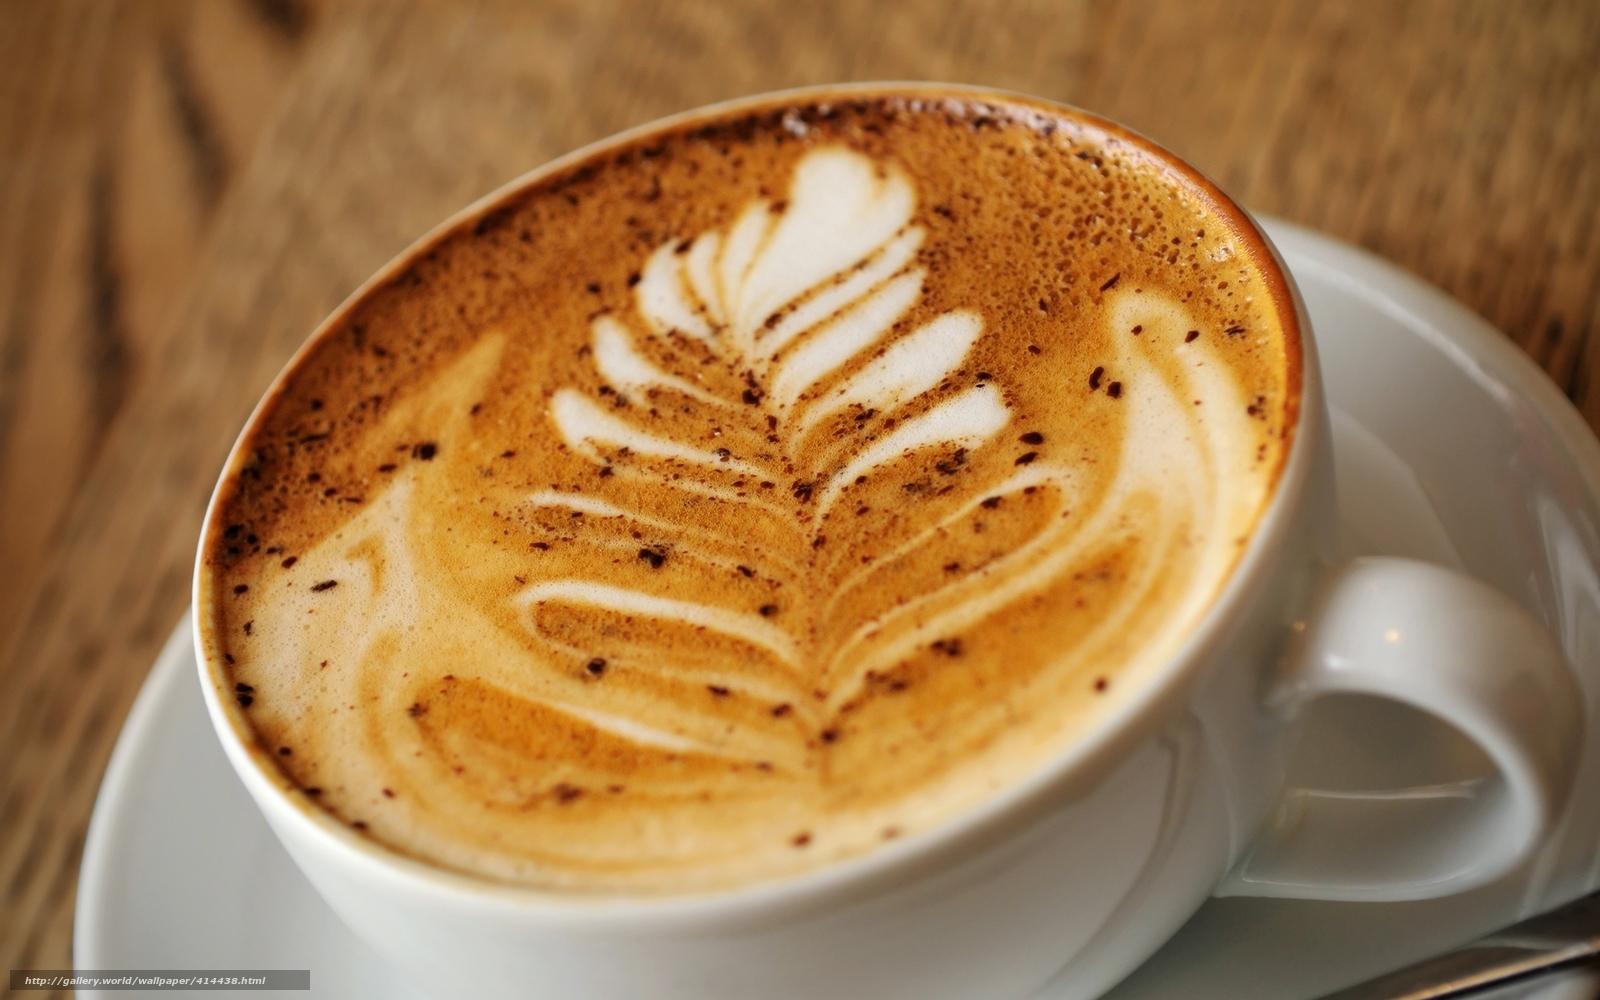 кофе, капучино, пена, узор, латте-арт